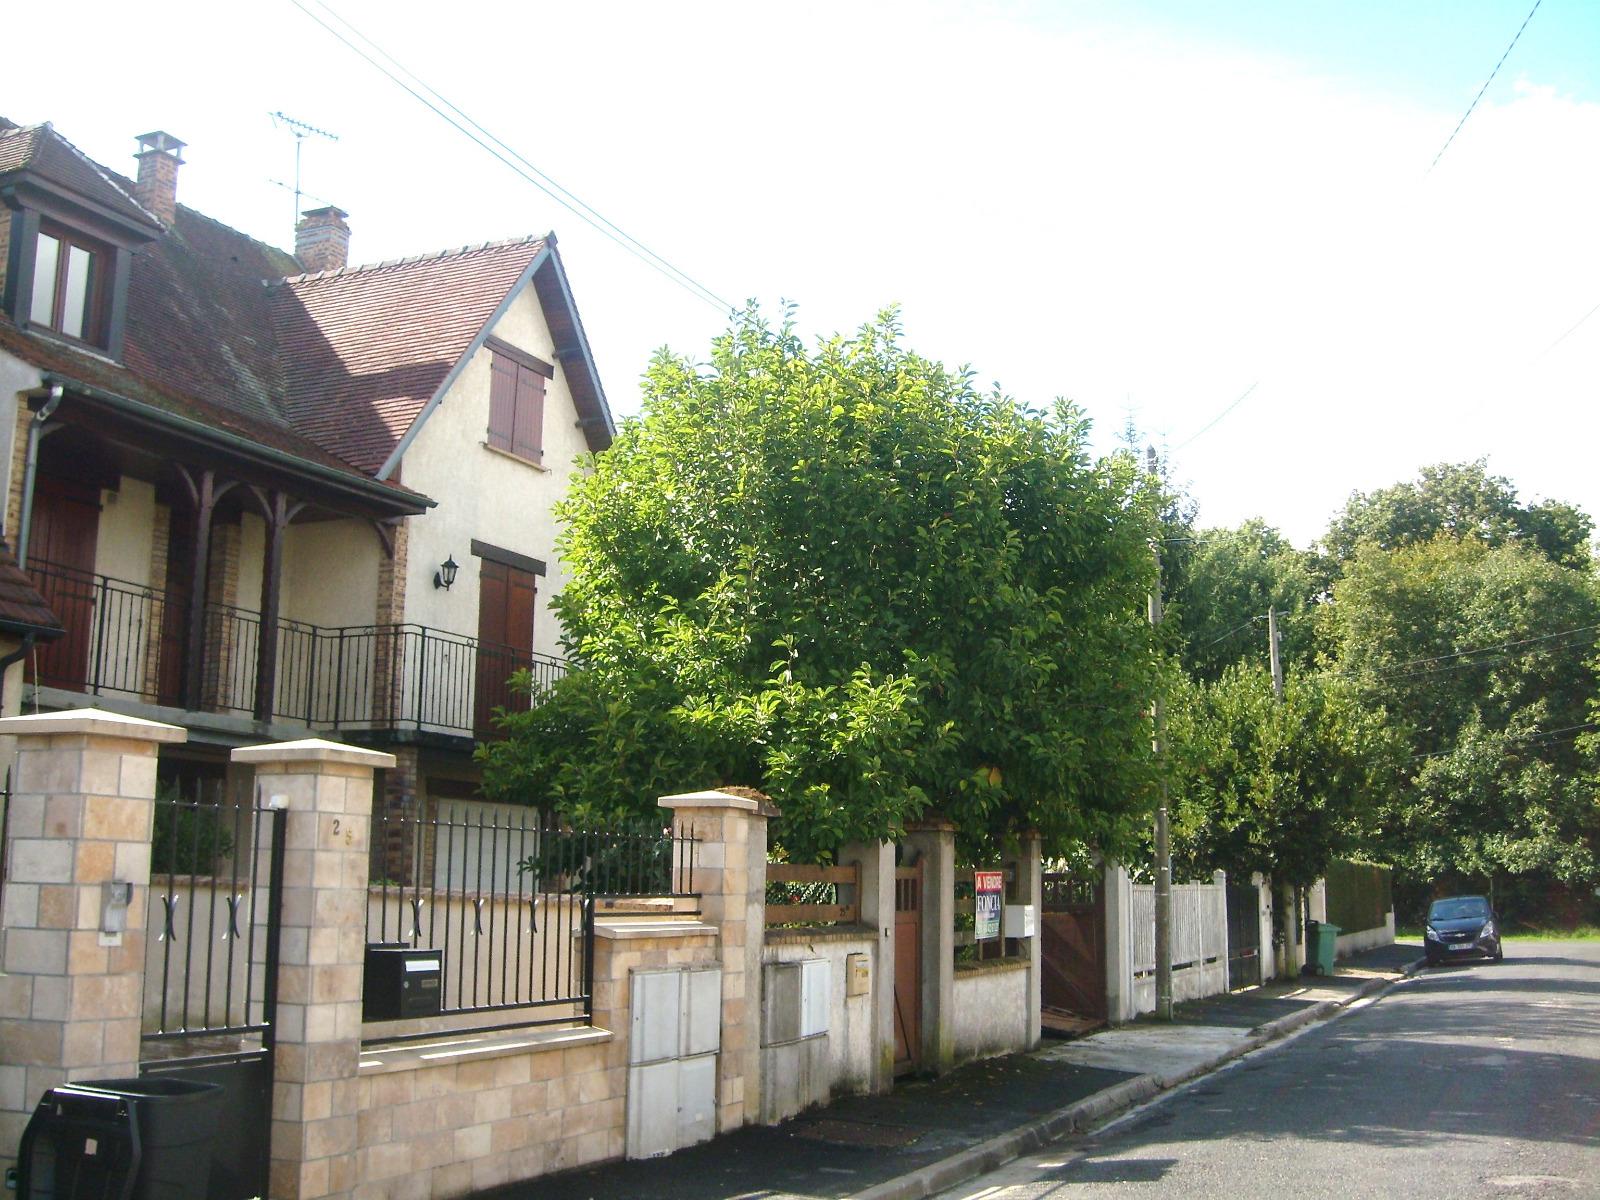 Vente maison traditionnelle avec 7 chambres garage et jardin for Garage ad la bresse